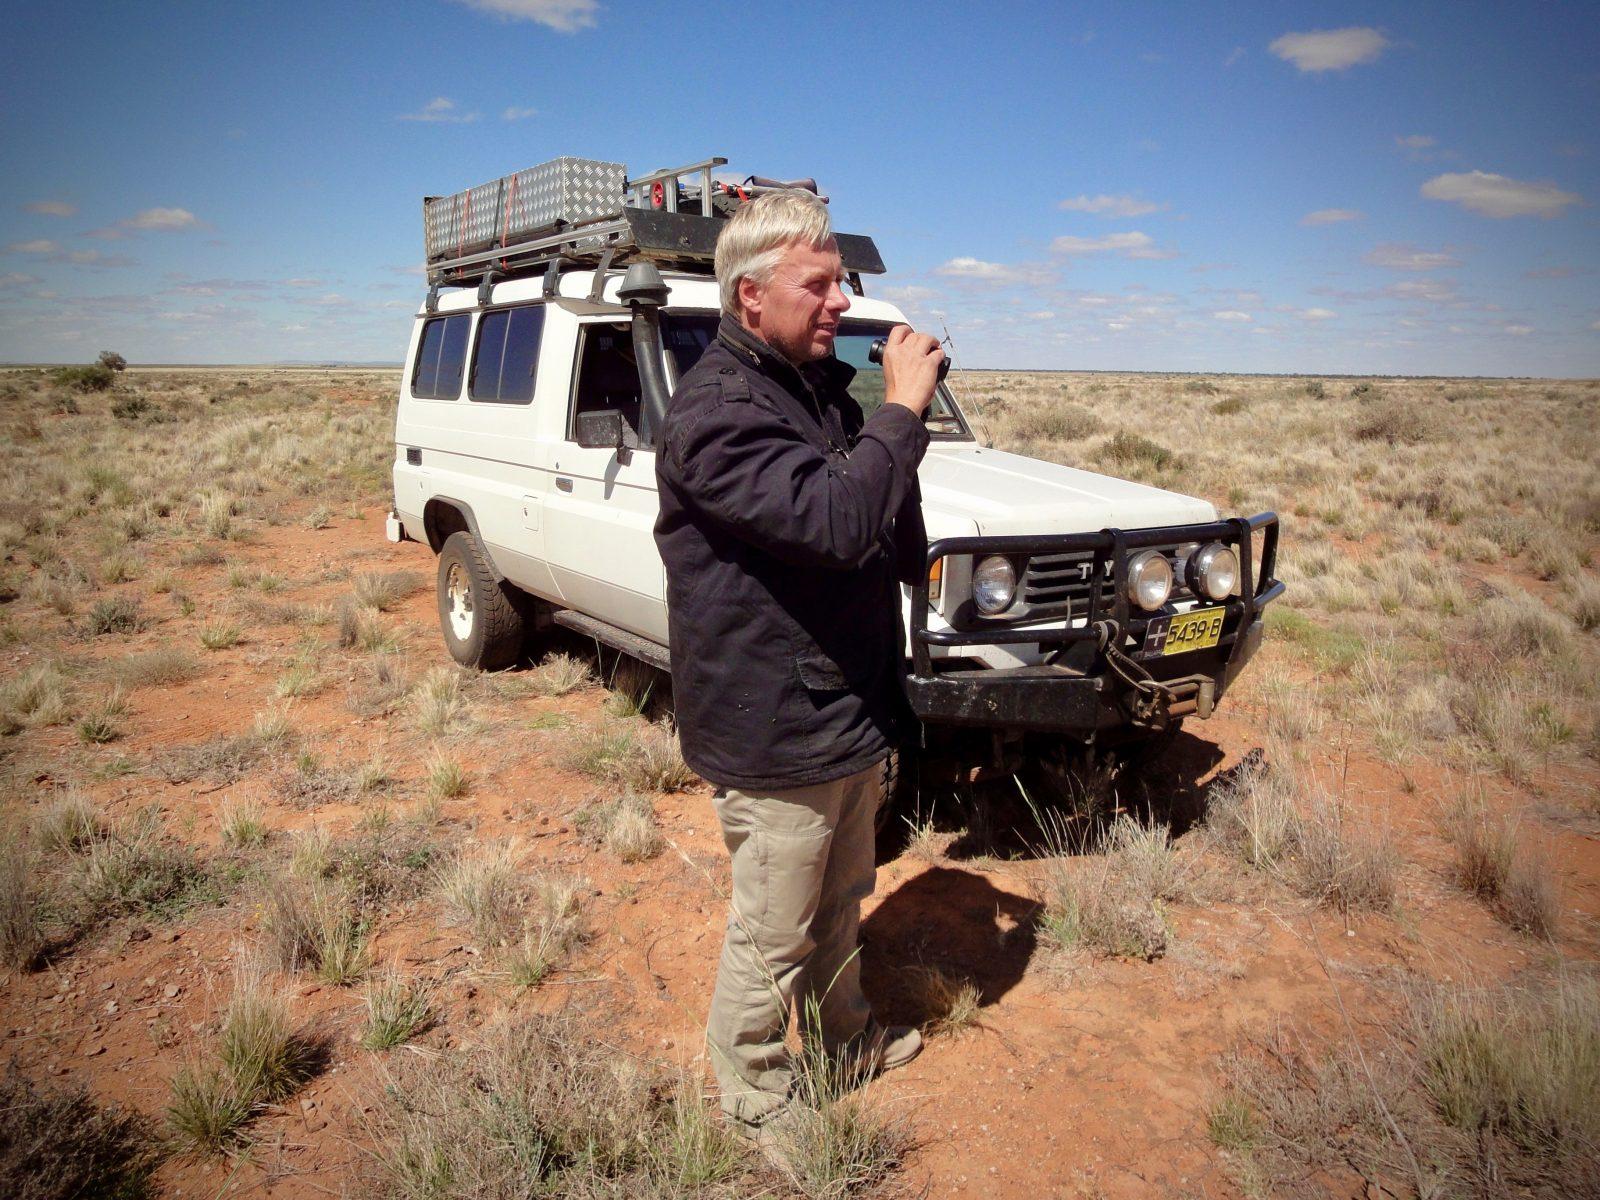 filmmaker-thoralf-grospitz-outback-zorillafilm-grospitz-westphalen